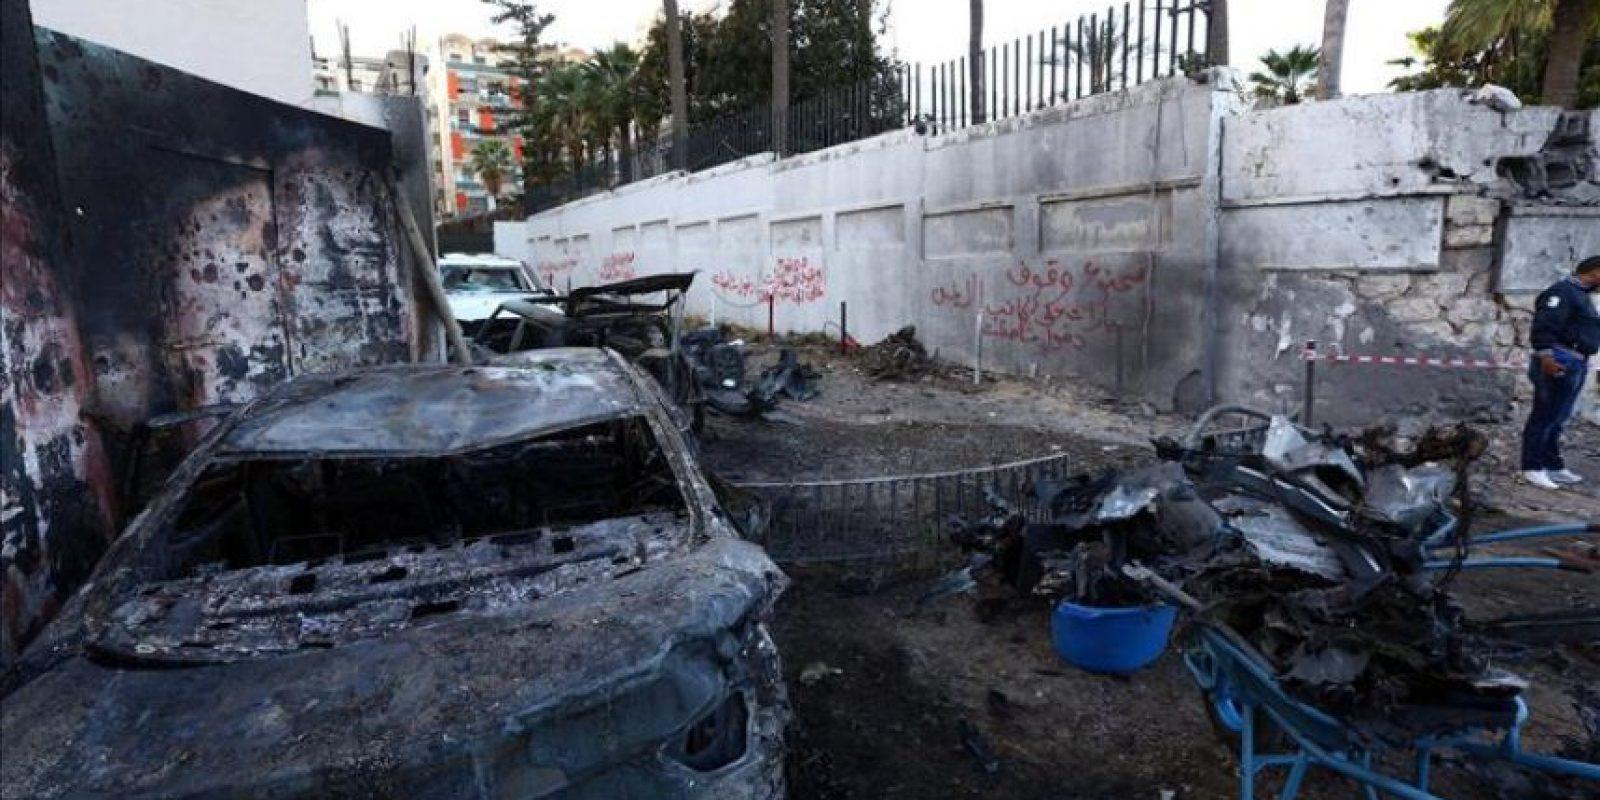 Vista de varios vehículos dañados tras la explosión de dos coches cerca de la Embajada de Egipto en Trípoli (Libia). EFE